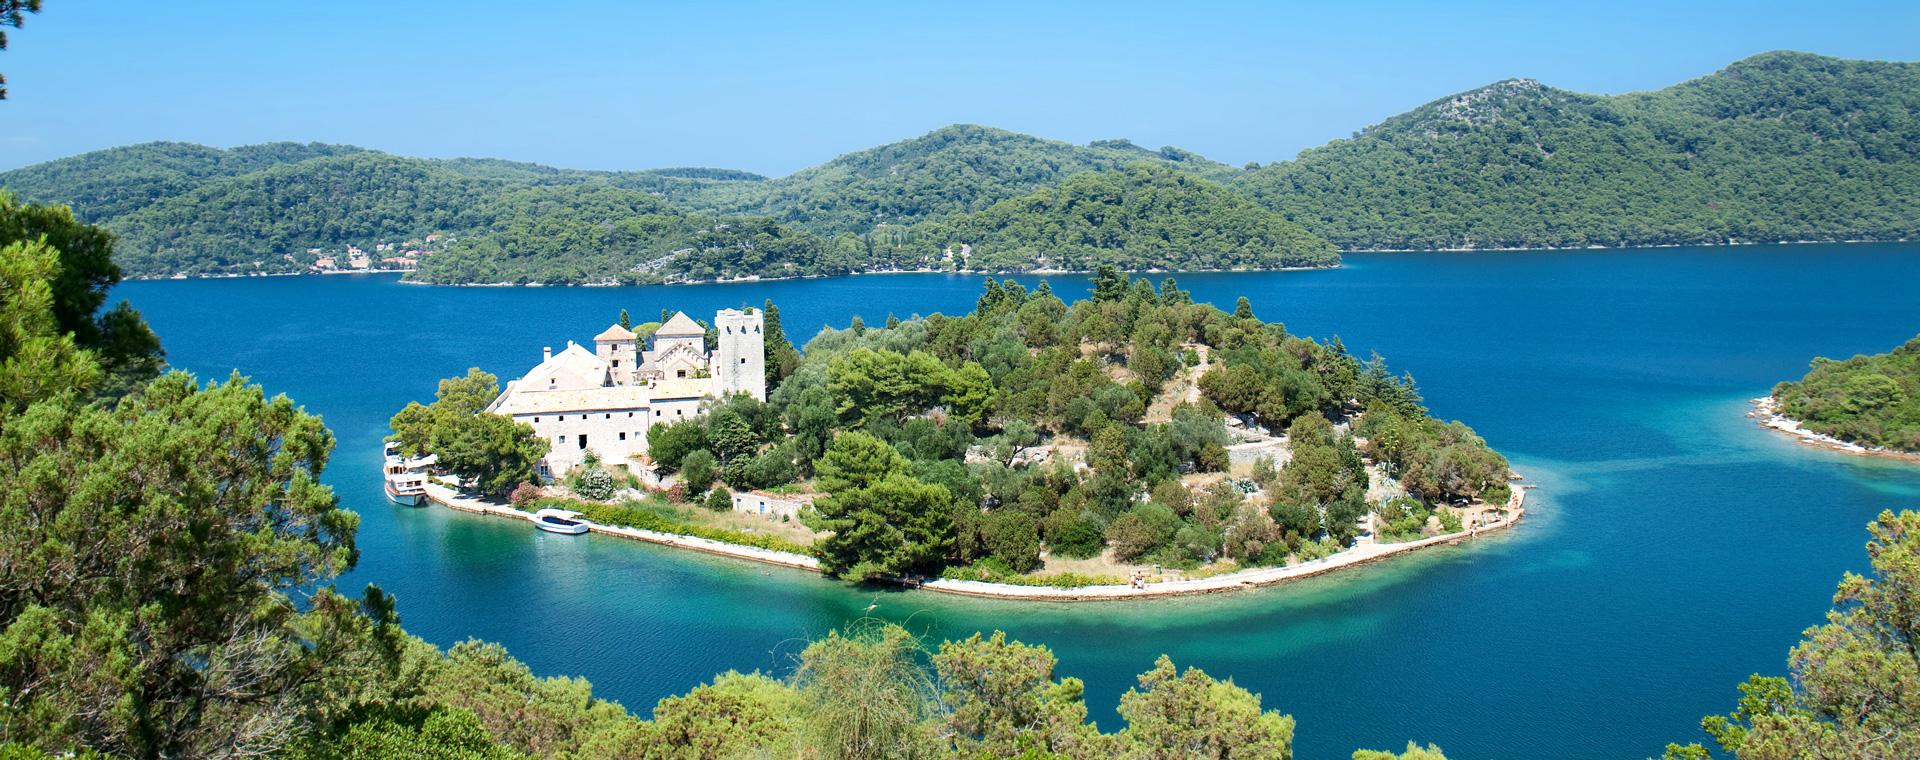 Voyage à pied : La Dalmatie et ses îles